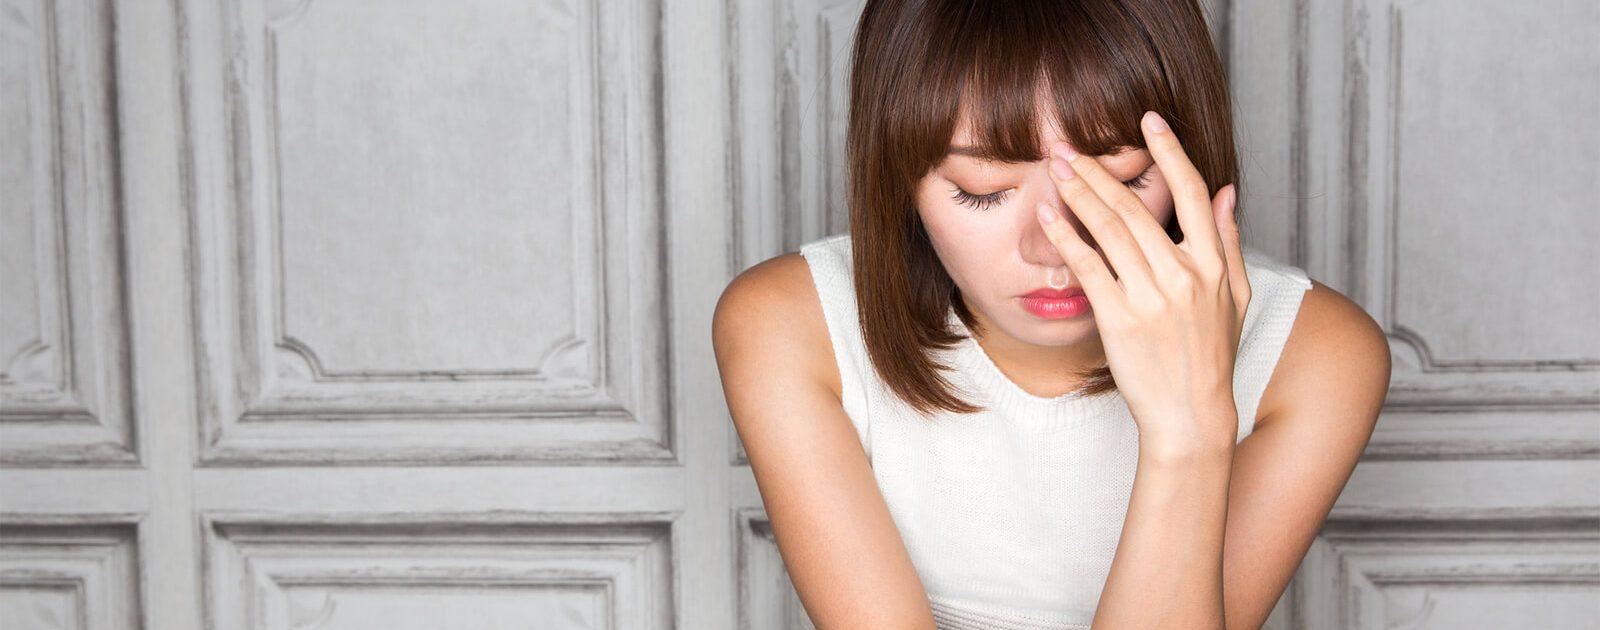 Frau leidet unter akuten Rückenschmerzen